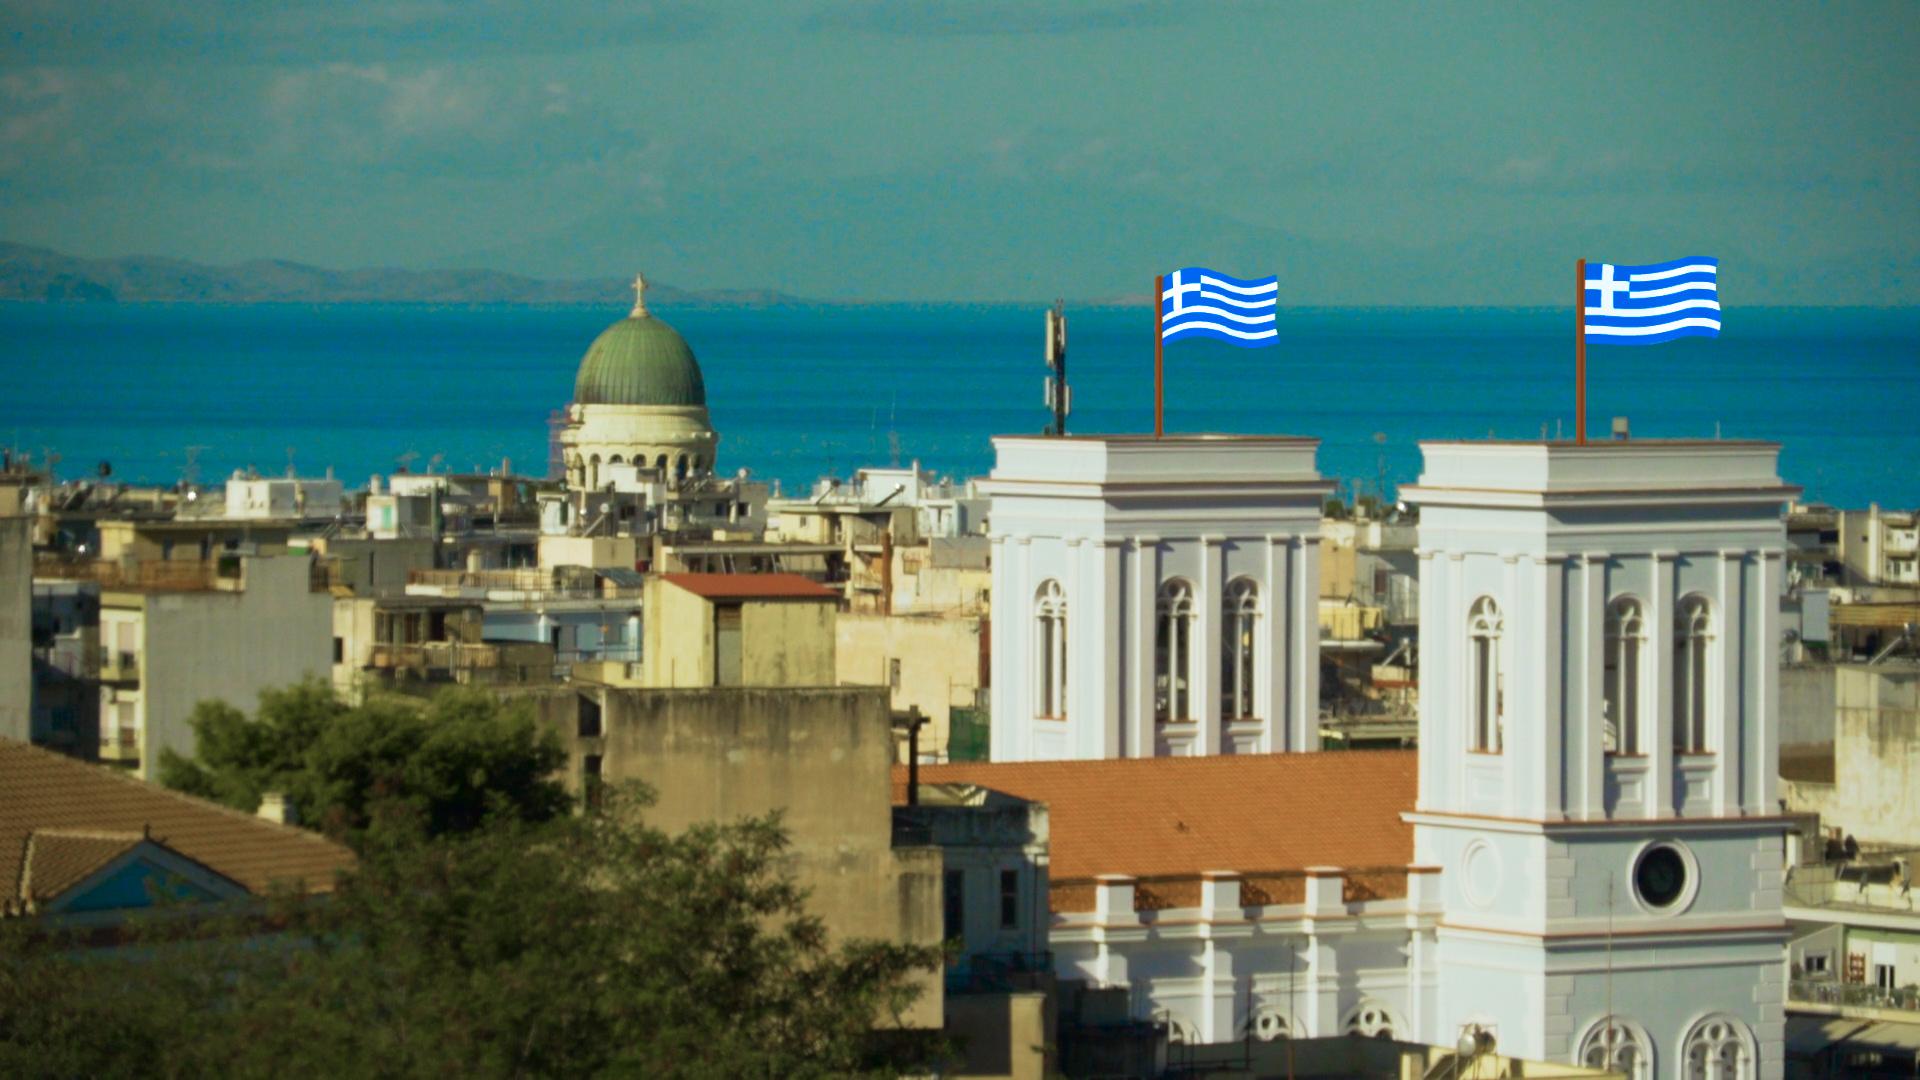 Animert_GreeksCan_002